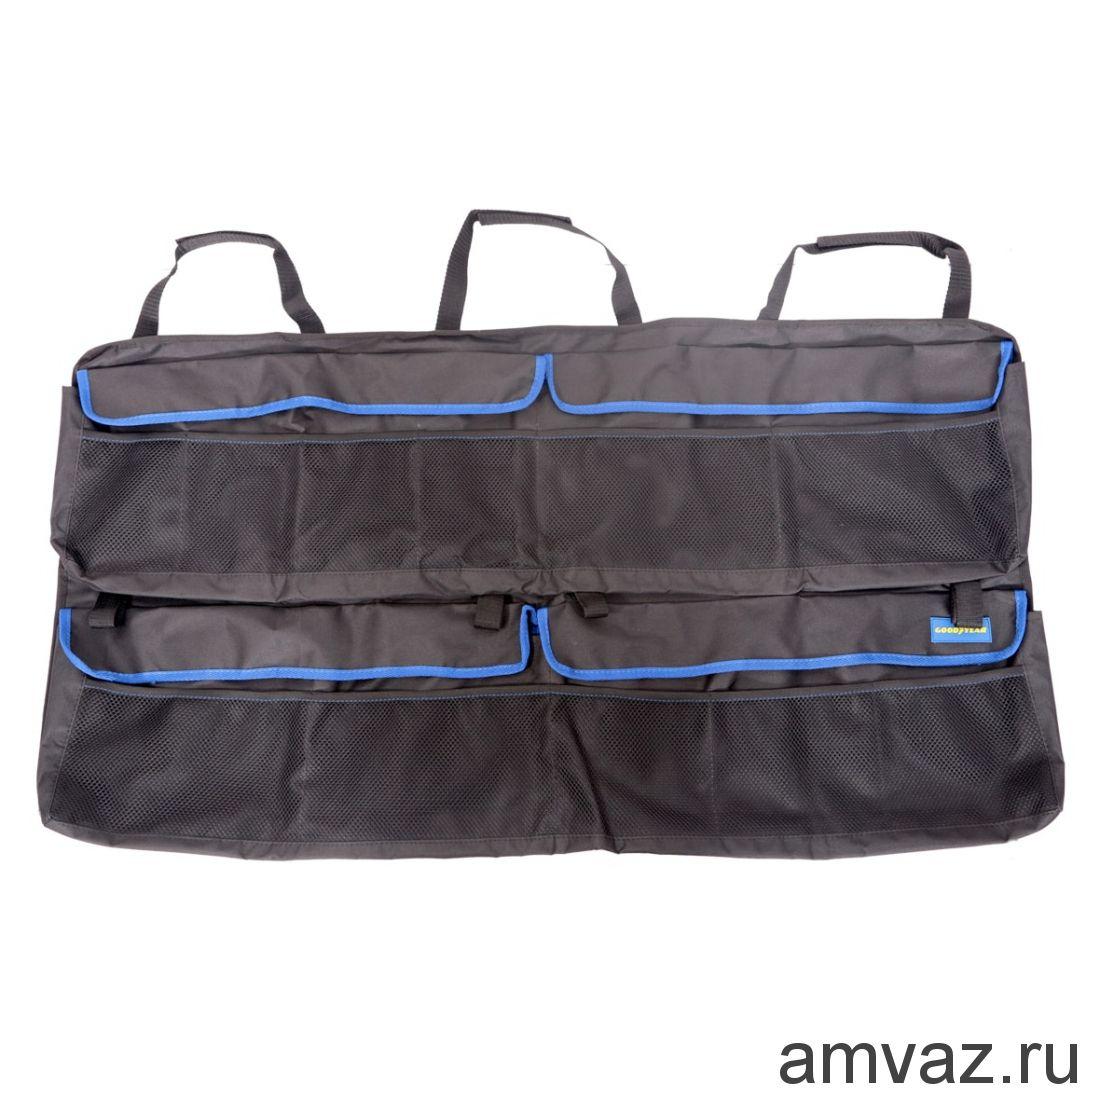 Органайзер в багажник Goodyear подвесной для внедорожника